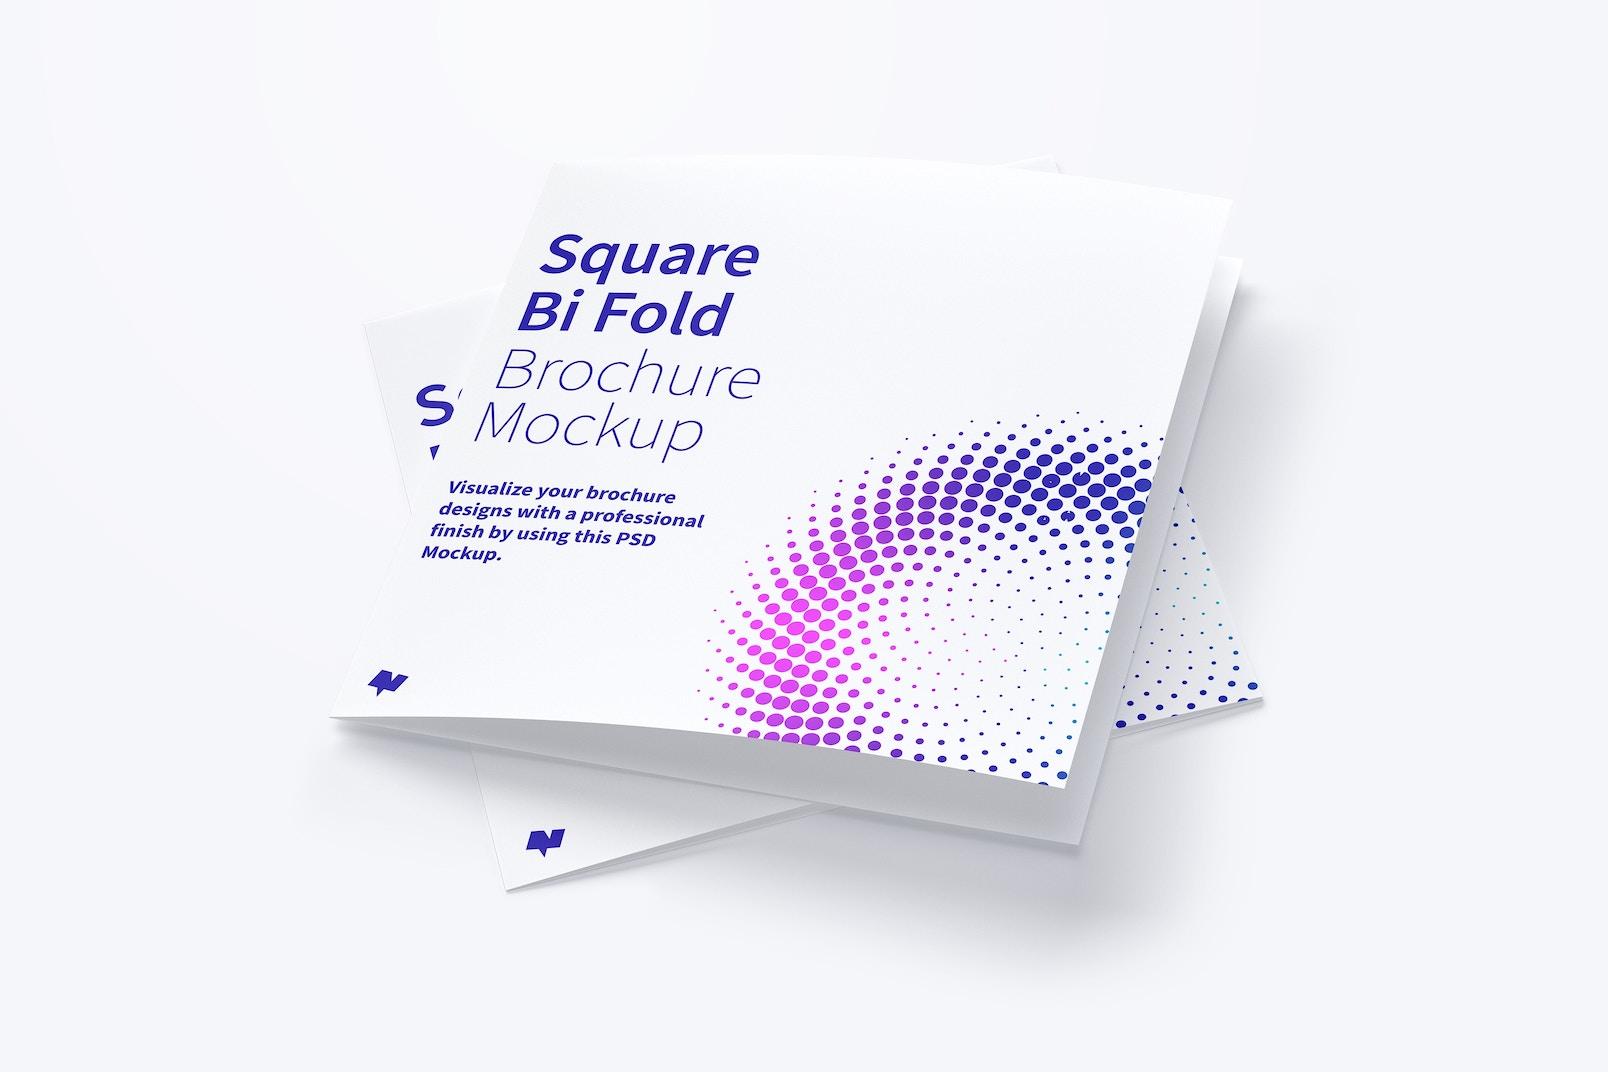 Square Bi Fold Brochure Mockup 06